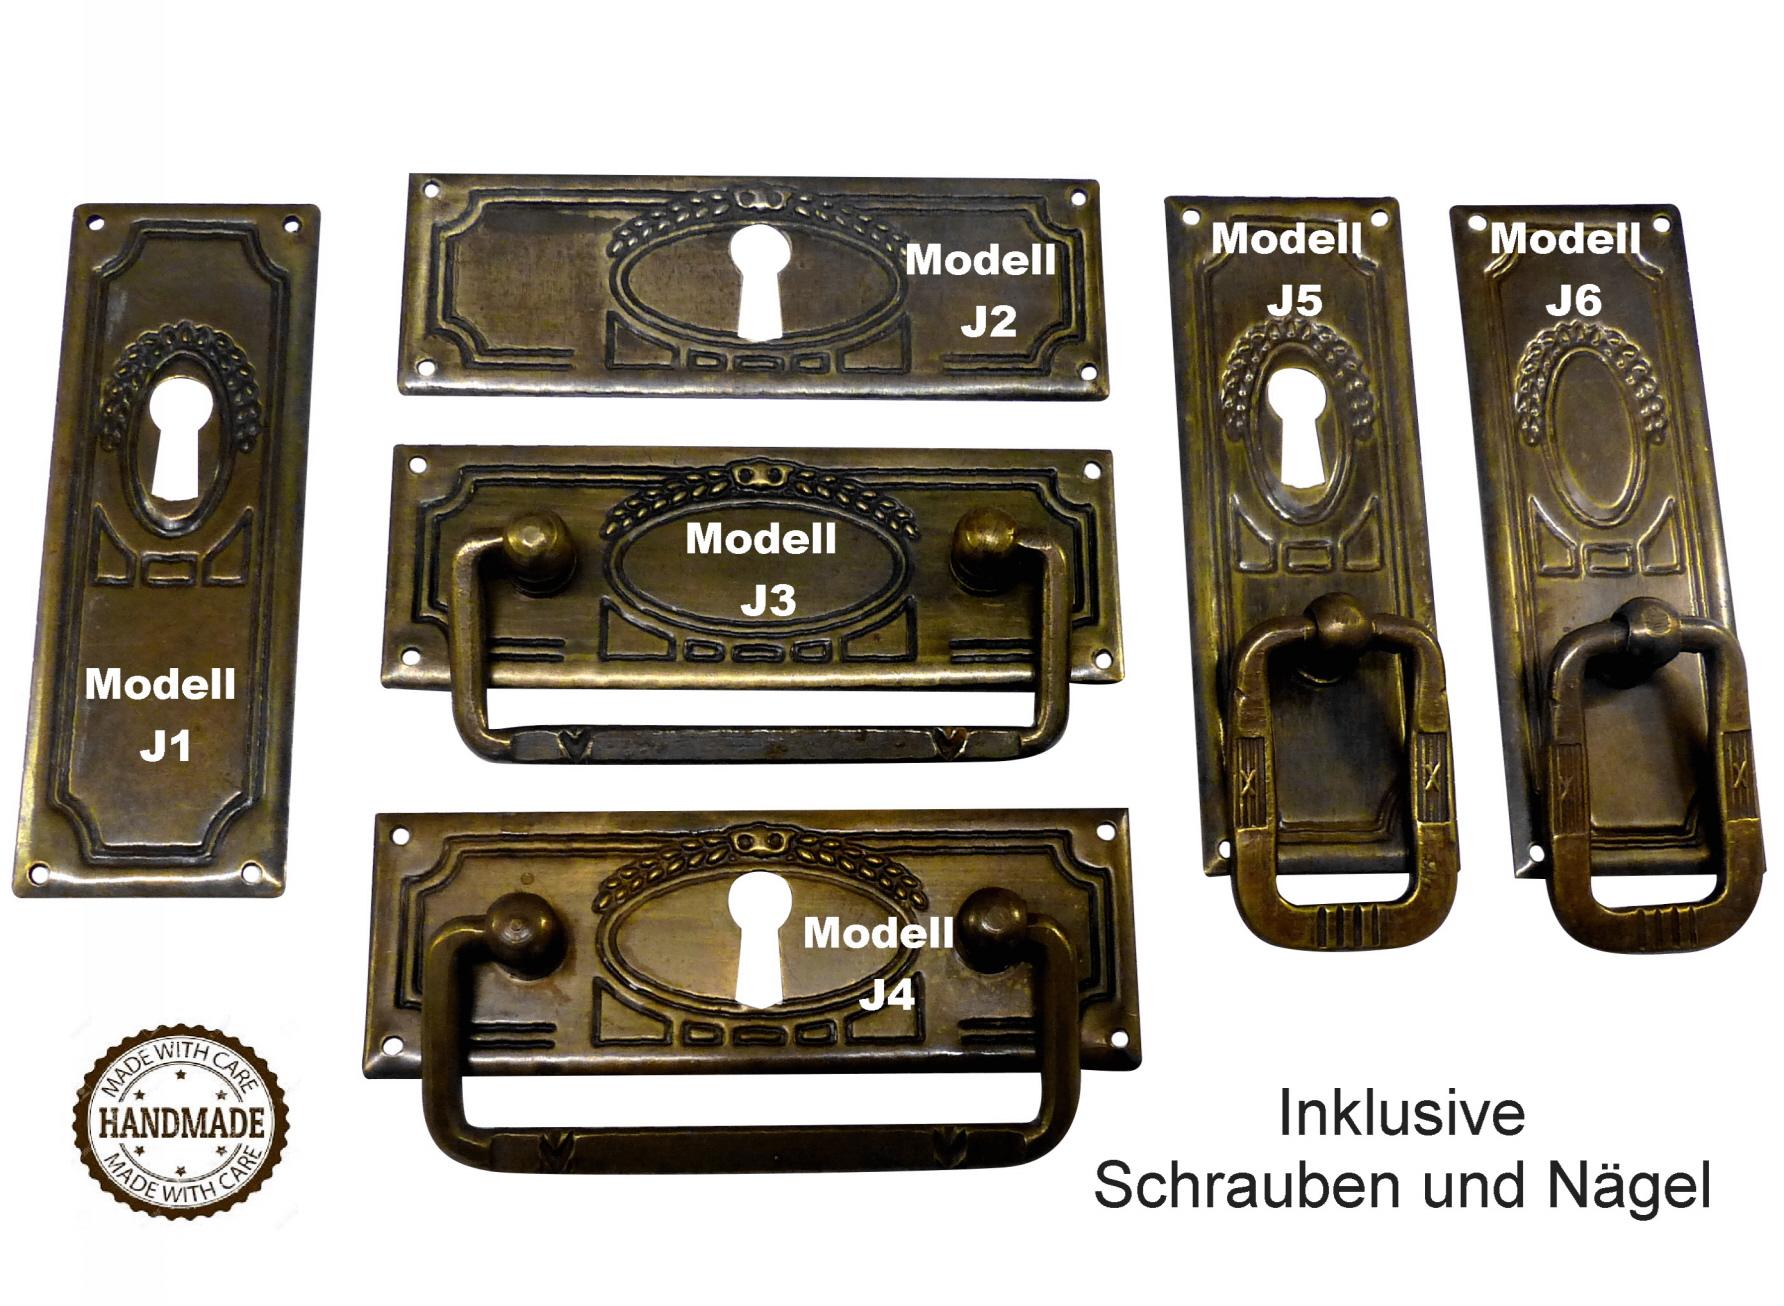 Schubladengriff Möbelgriff Antik Schrankgriff Zierteile Antikbeschlag neu K-095